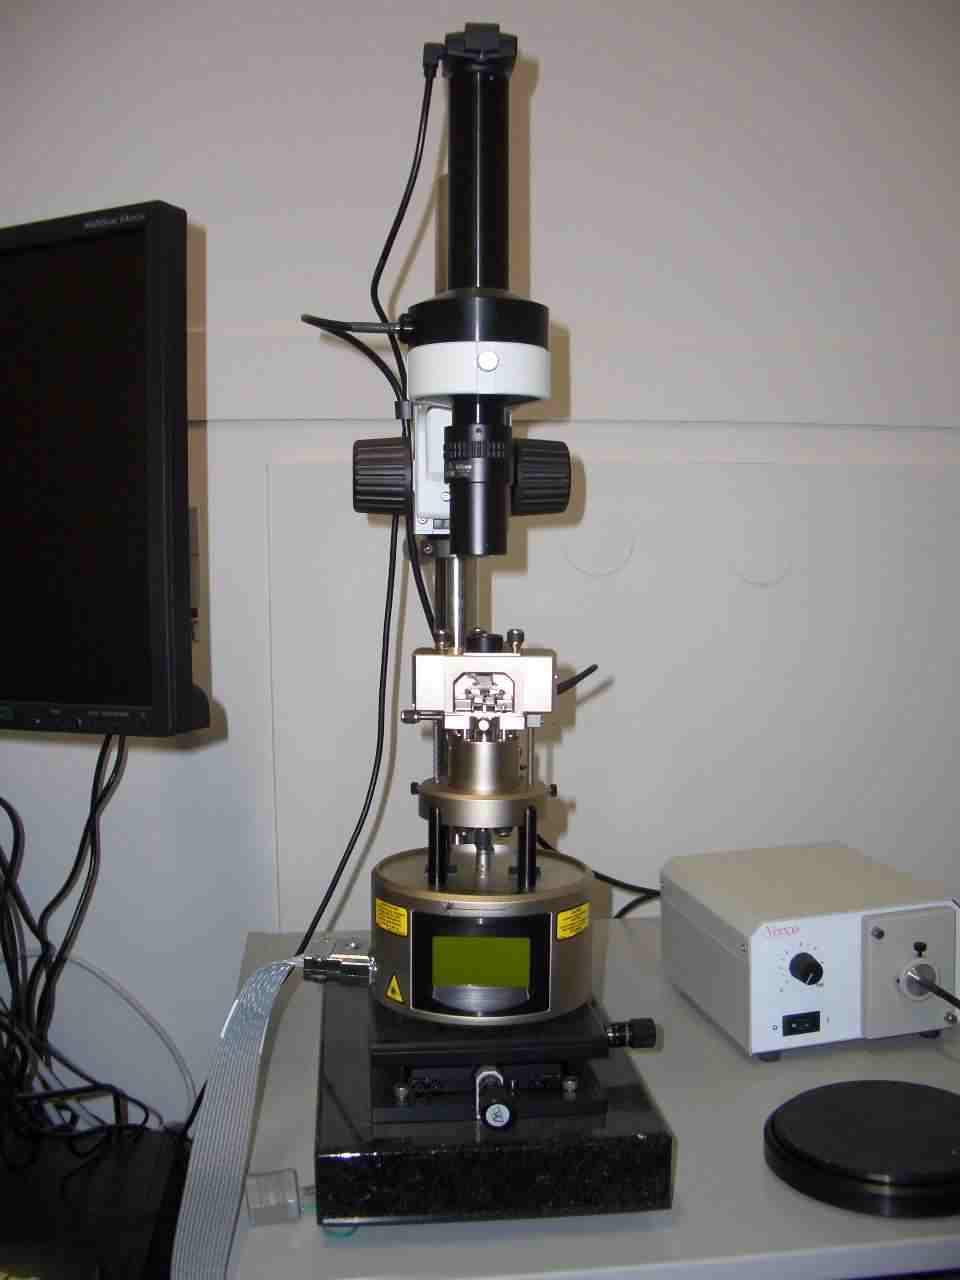 走査プローブ顕微鏡